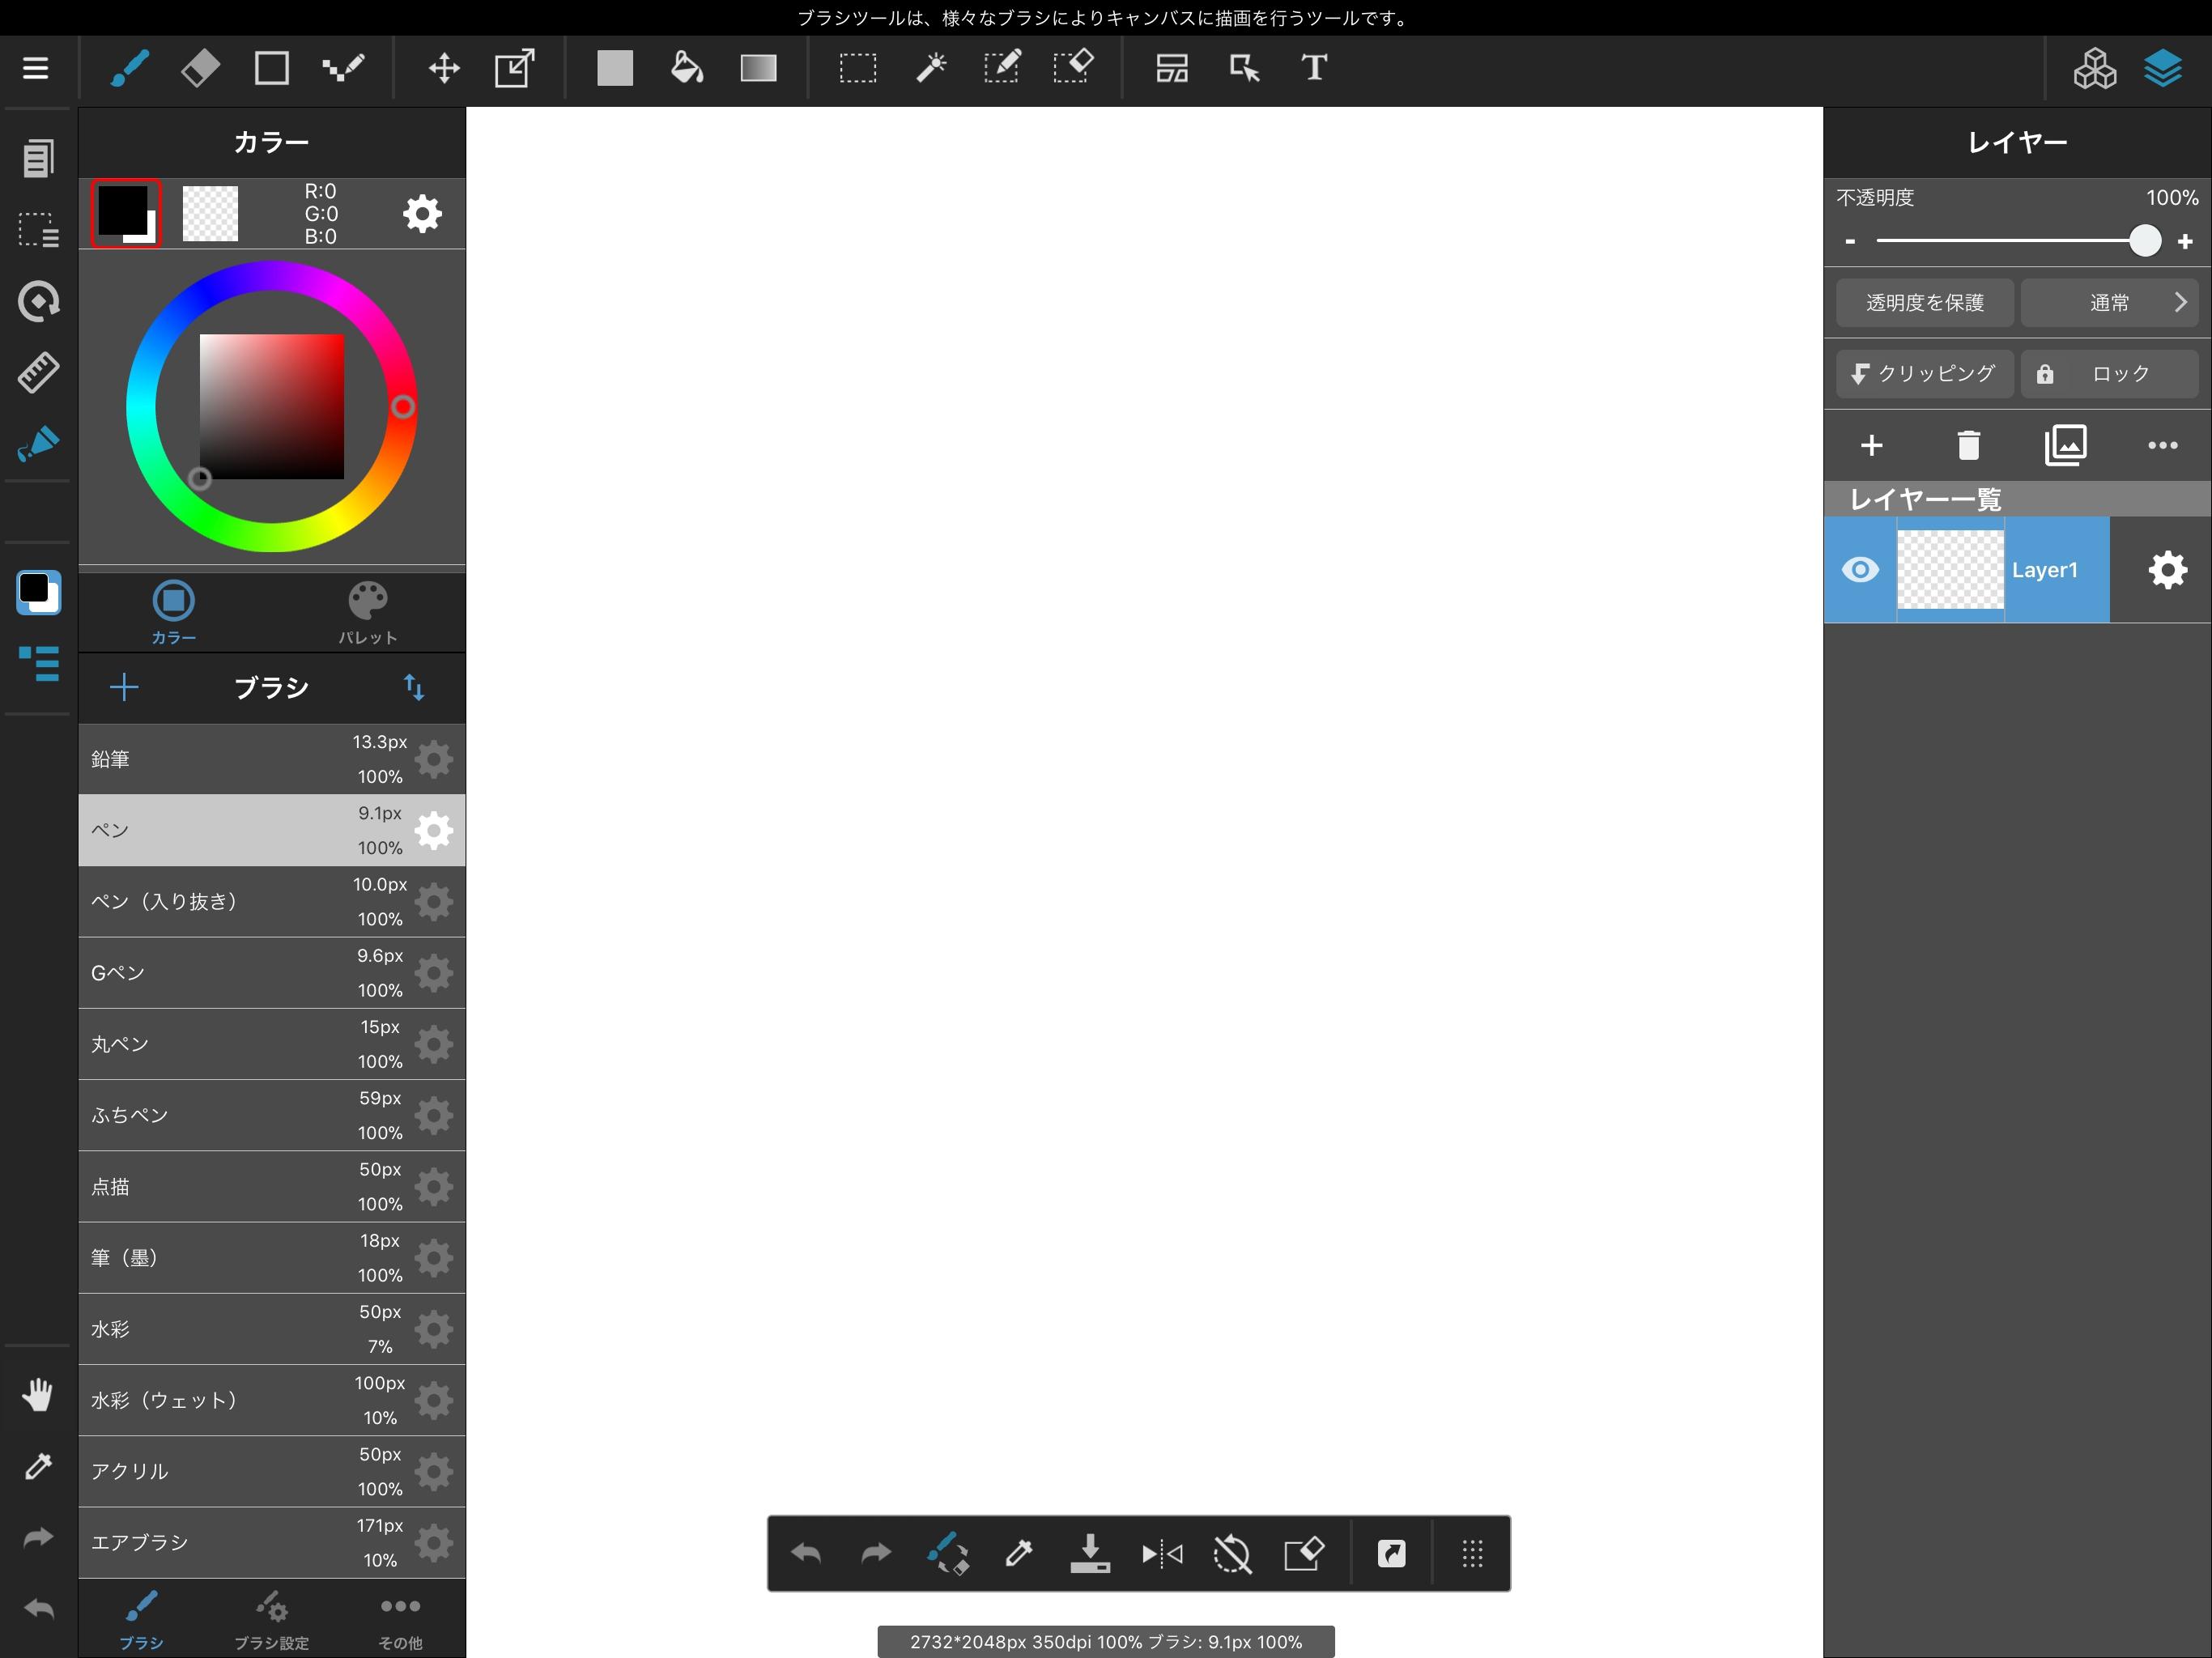 색상 메뉴가 왼쪽에 표시되는 화면